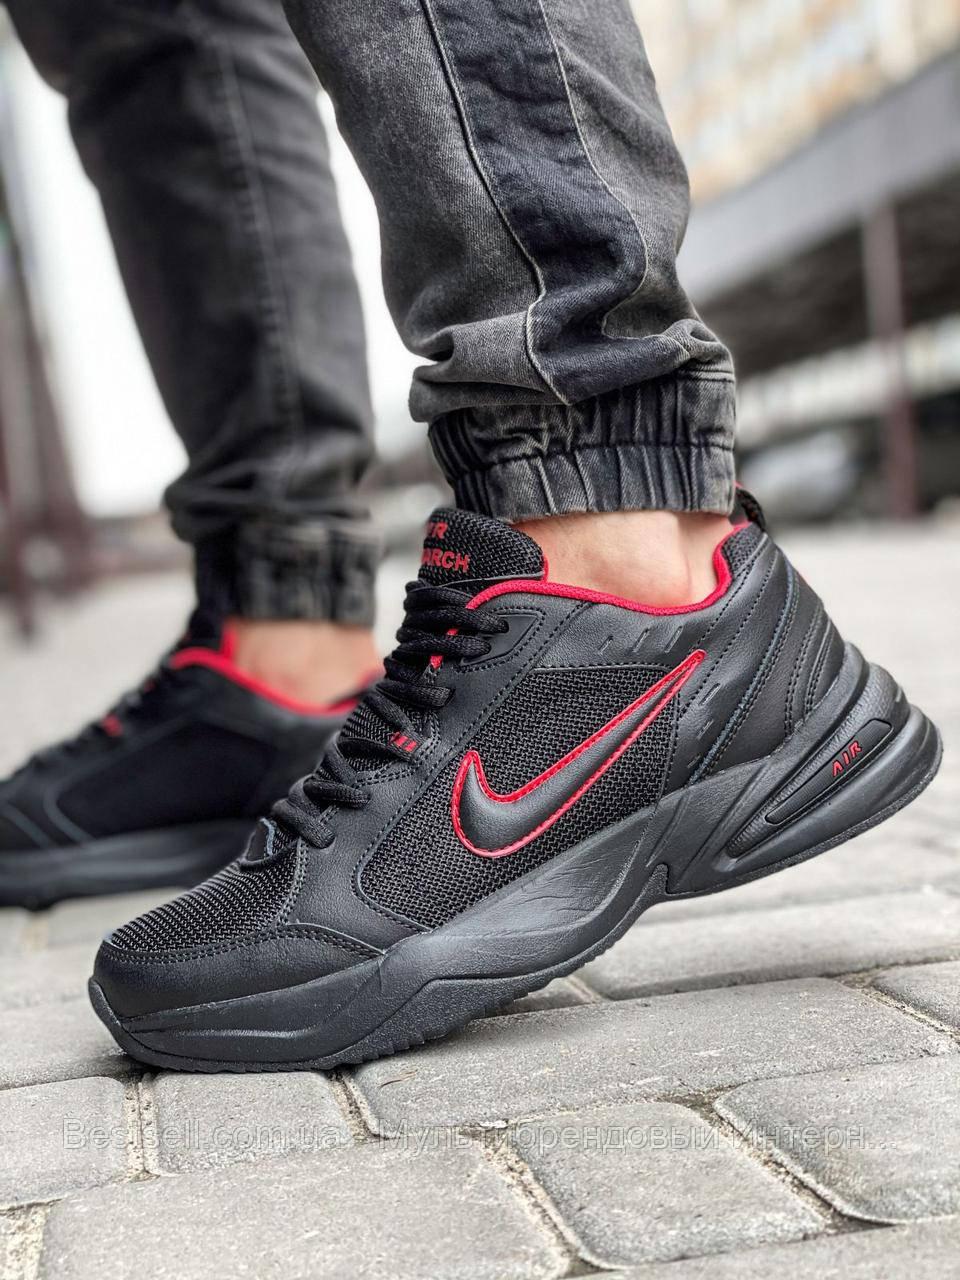 Кроссовки мужские 18511, Nike Air Monarch, черные, [ 42 43 44 45 46 ] р. 41-26,5см.